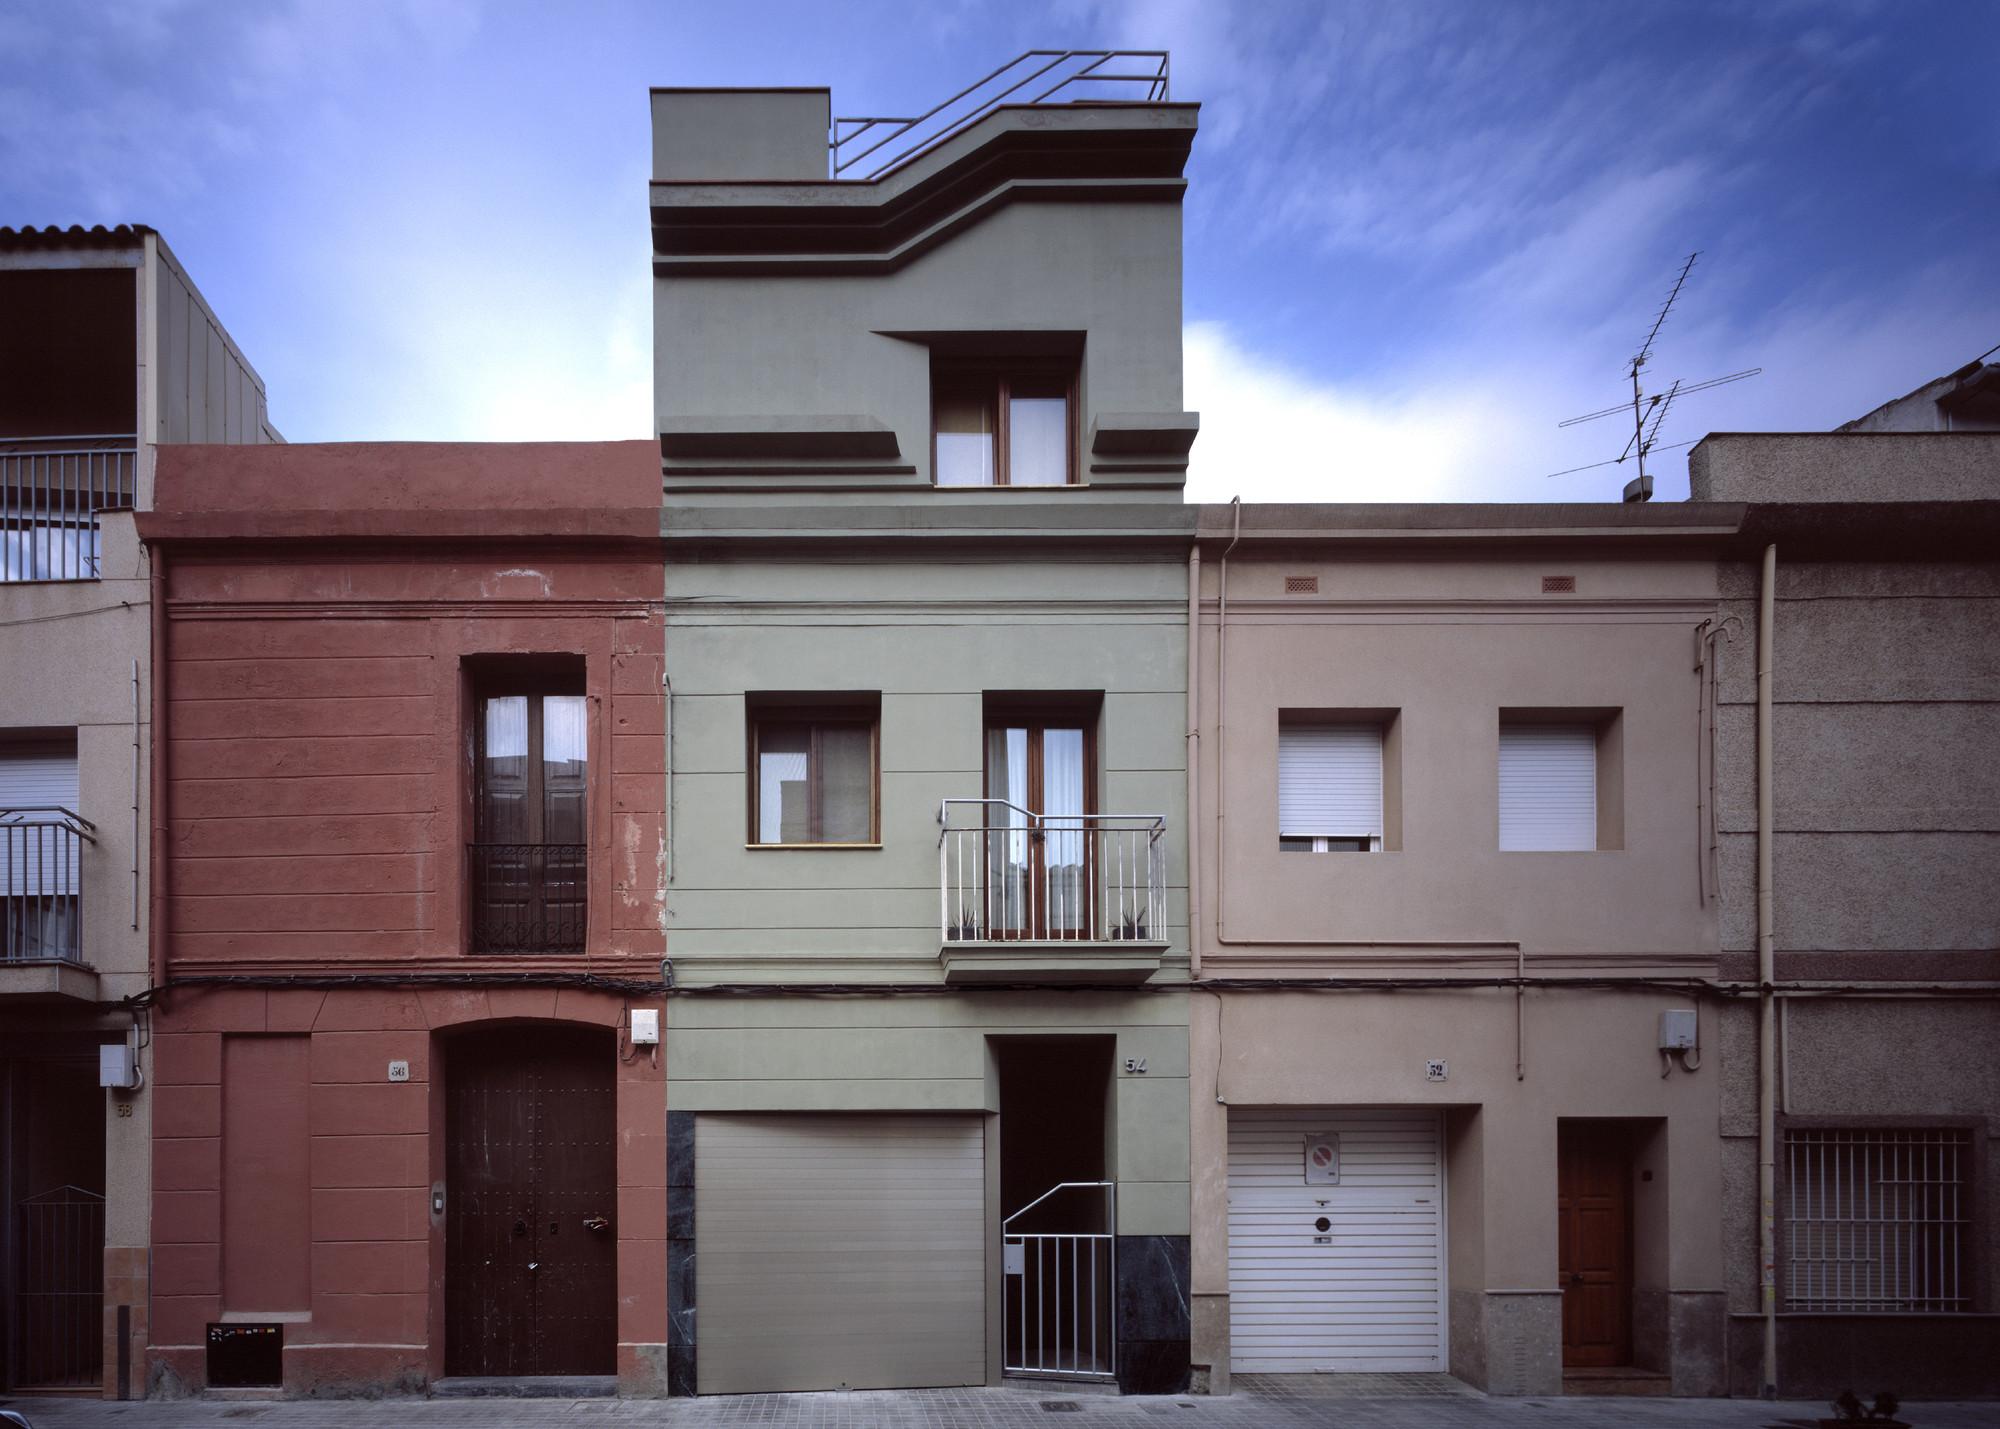 Planos casas estrechas y alargadas dormitorios with for Casas alargadas